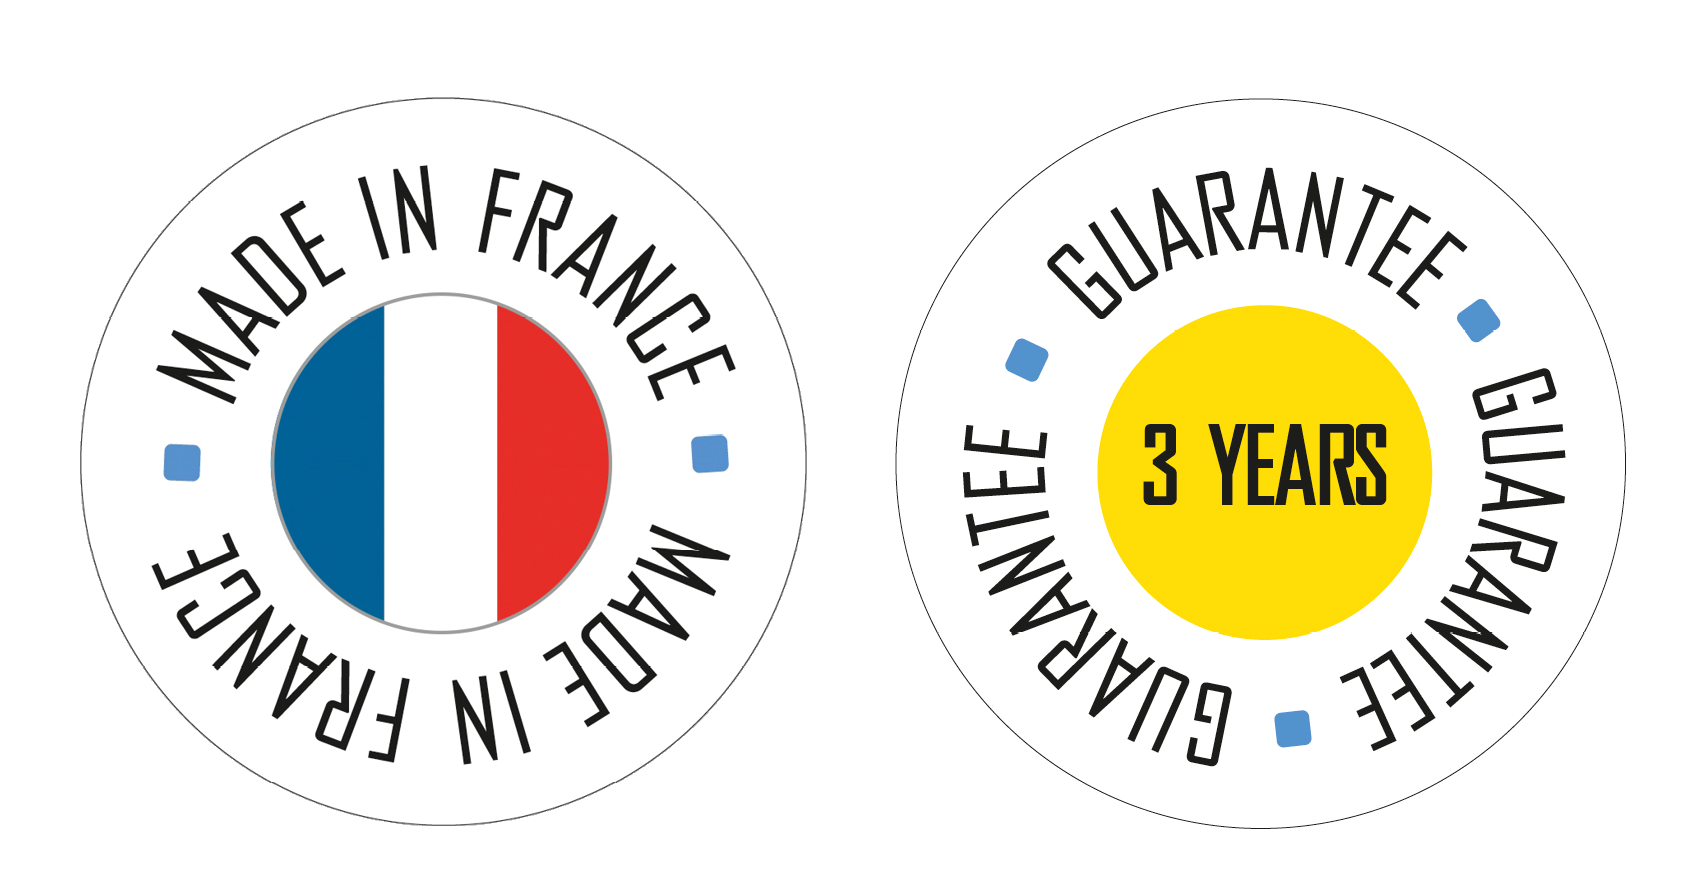 Made in France - Garantie 3 Jahre